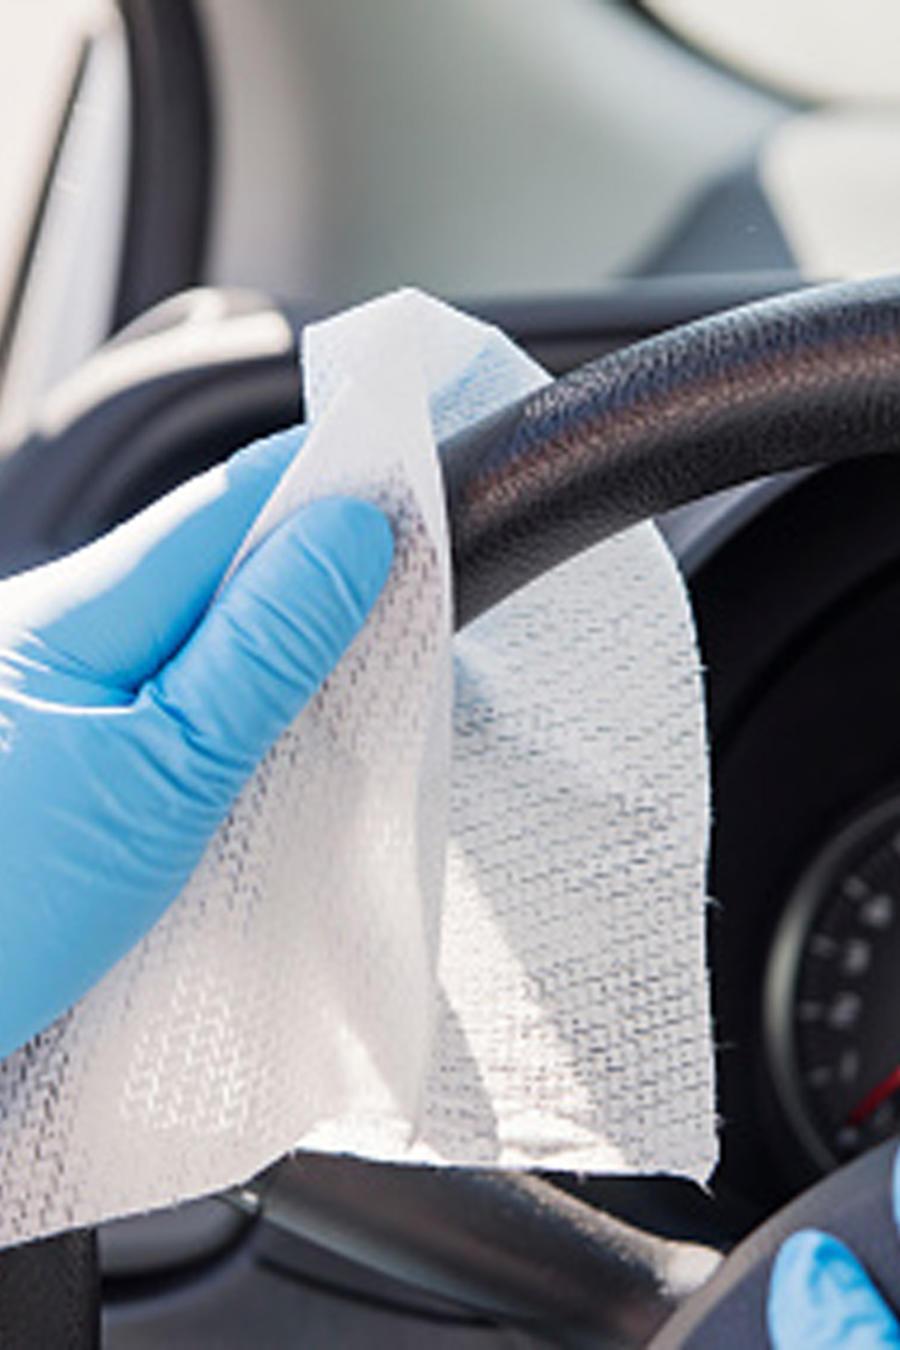 Una persona desinfecta su auto en una imagen creativa.